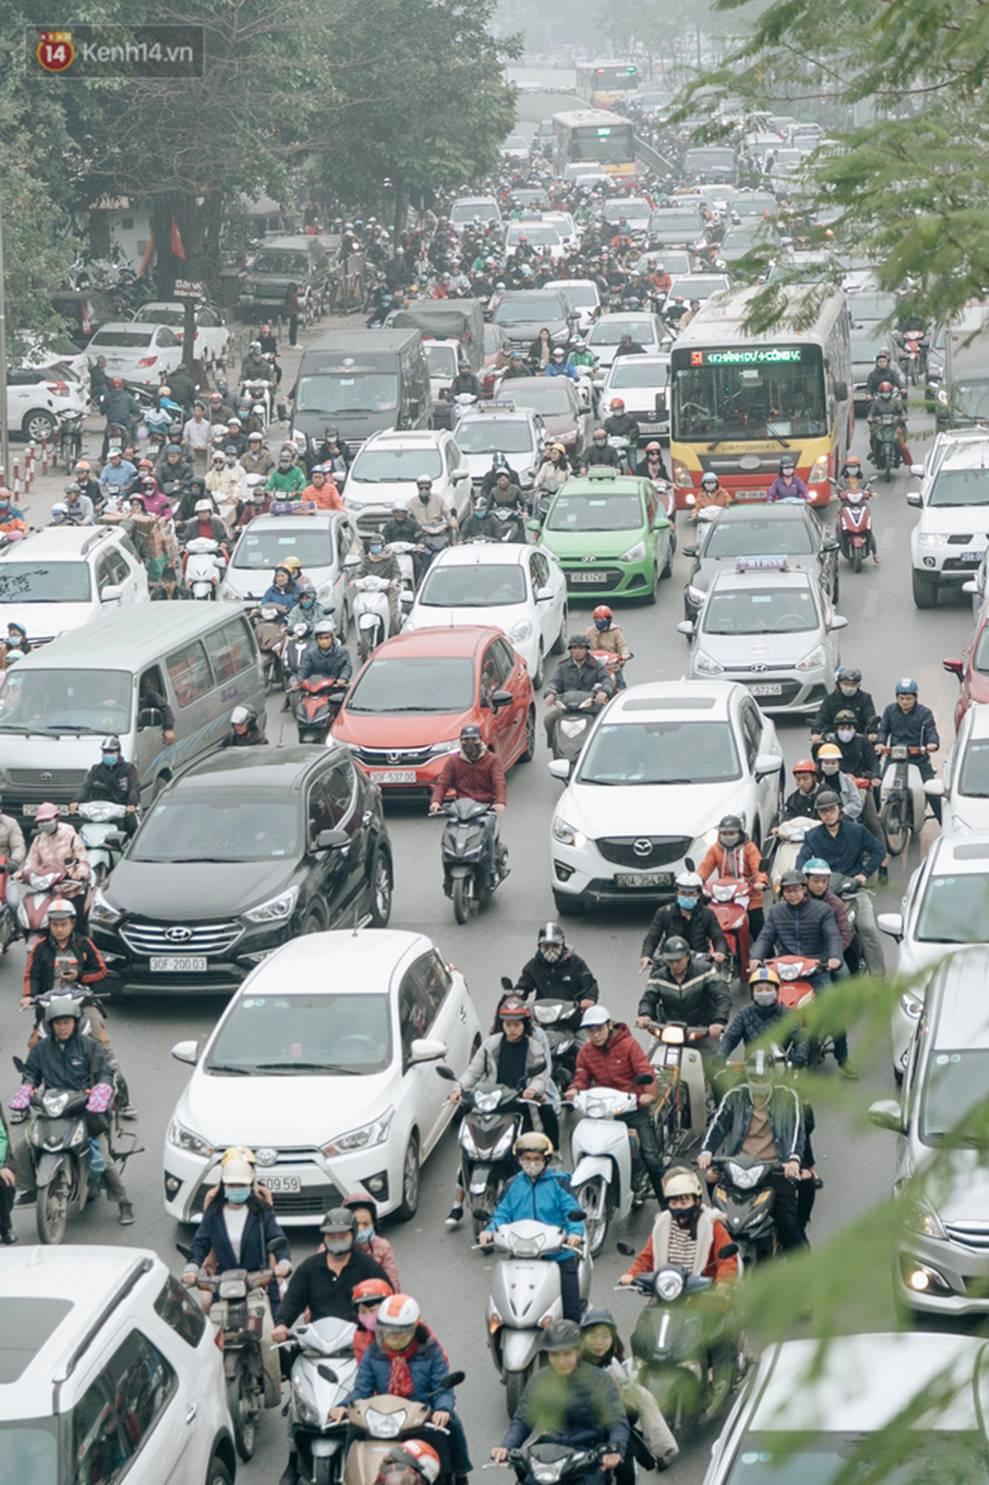 Chùm ảnh: Từ 3h chiều, đường phố Hà Nội ùn tắc không lối thoát ngày giáp Tết-6